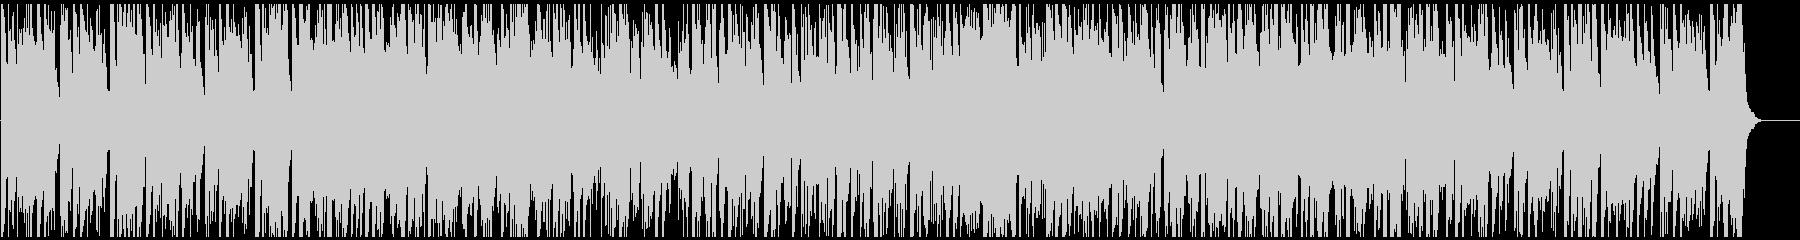 ヒップホップ系ジャズファンク Sax生録の未再生の波形